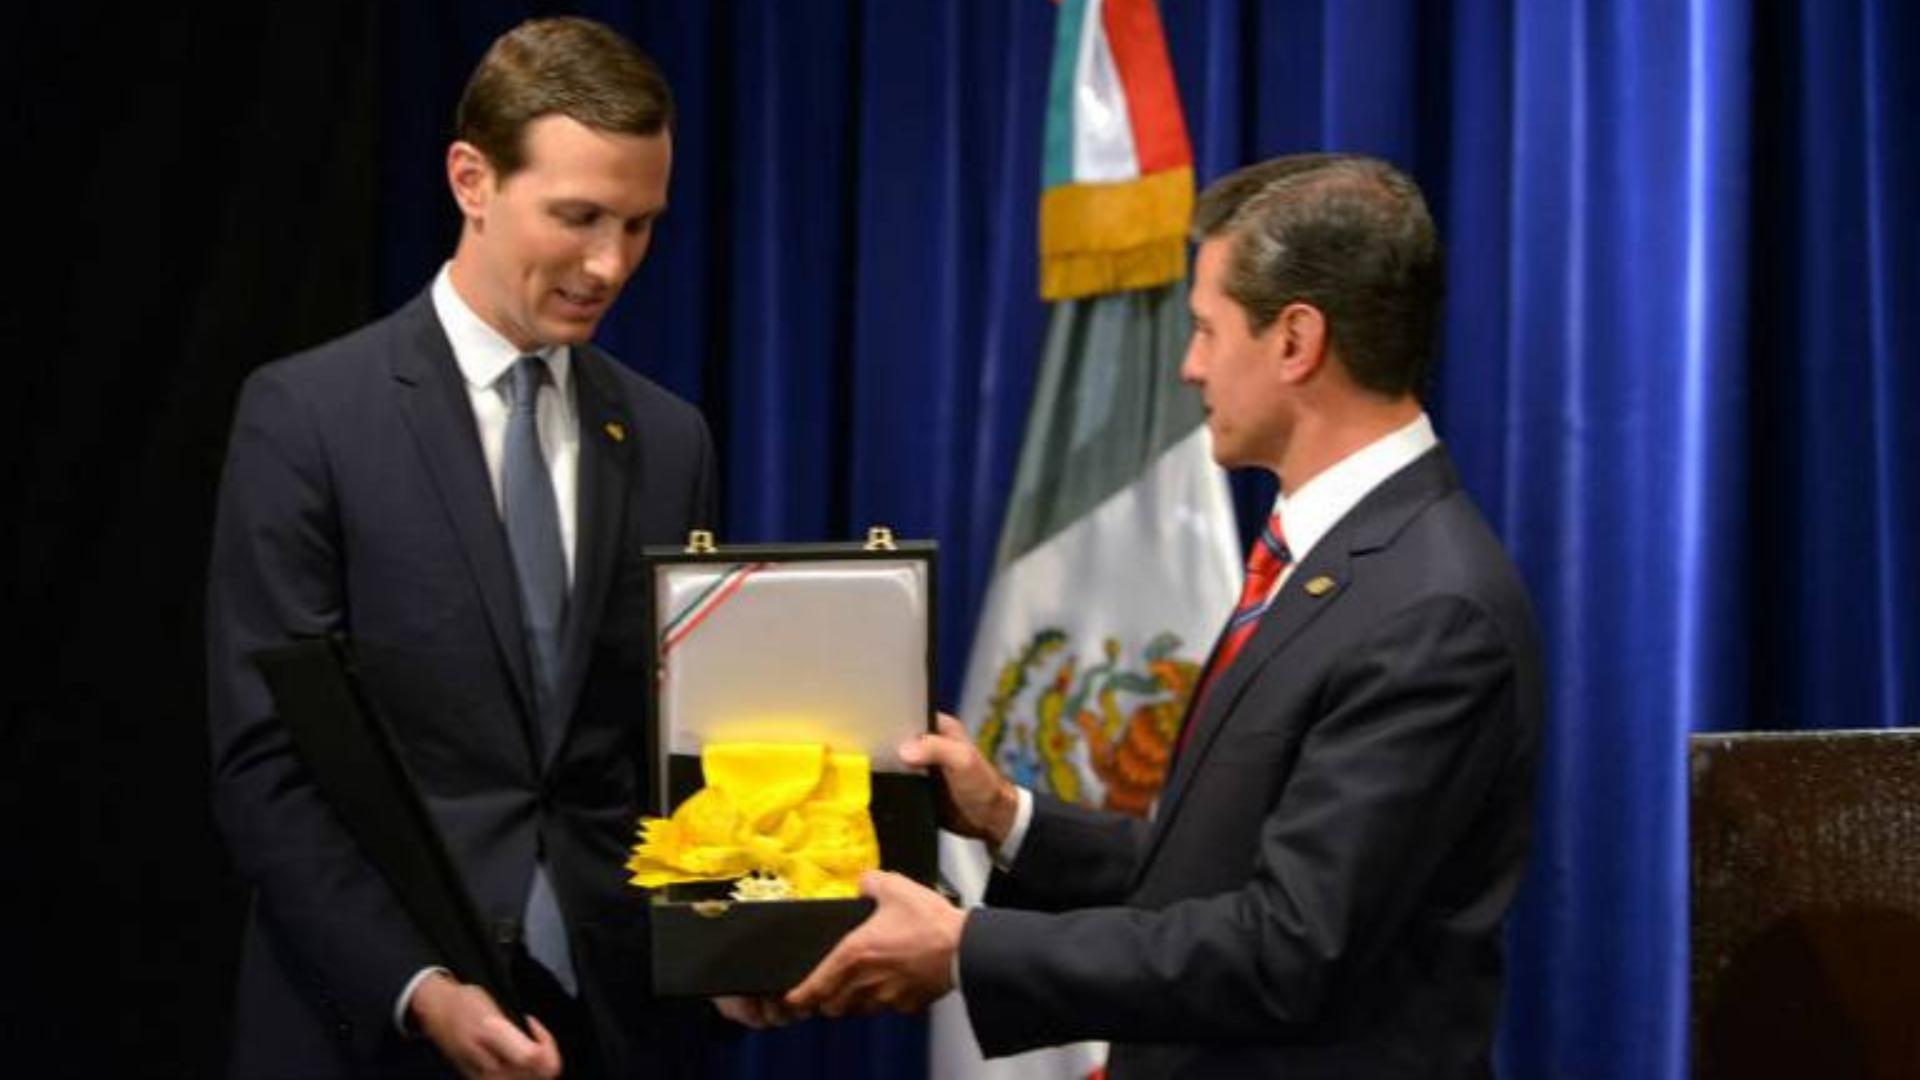 Kushner recibiendo la condecoración (Foto: Cuartoscuro)